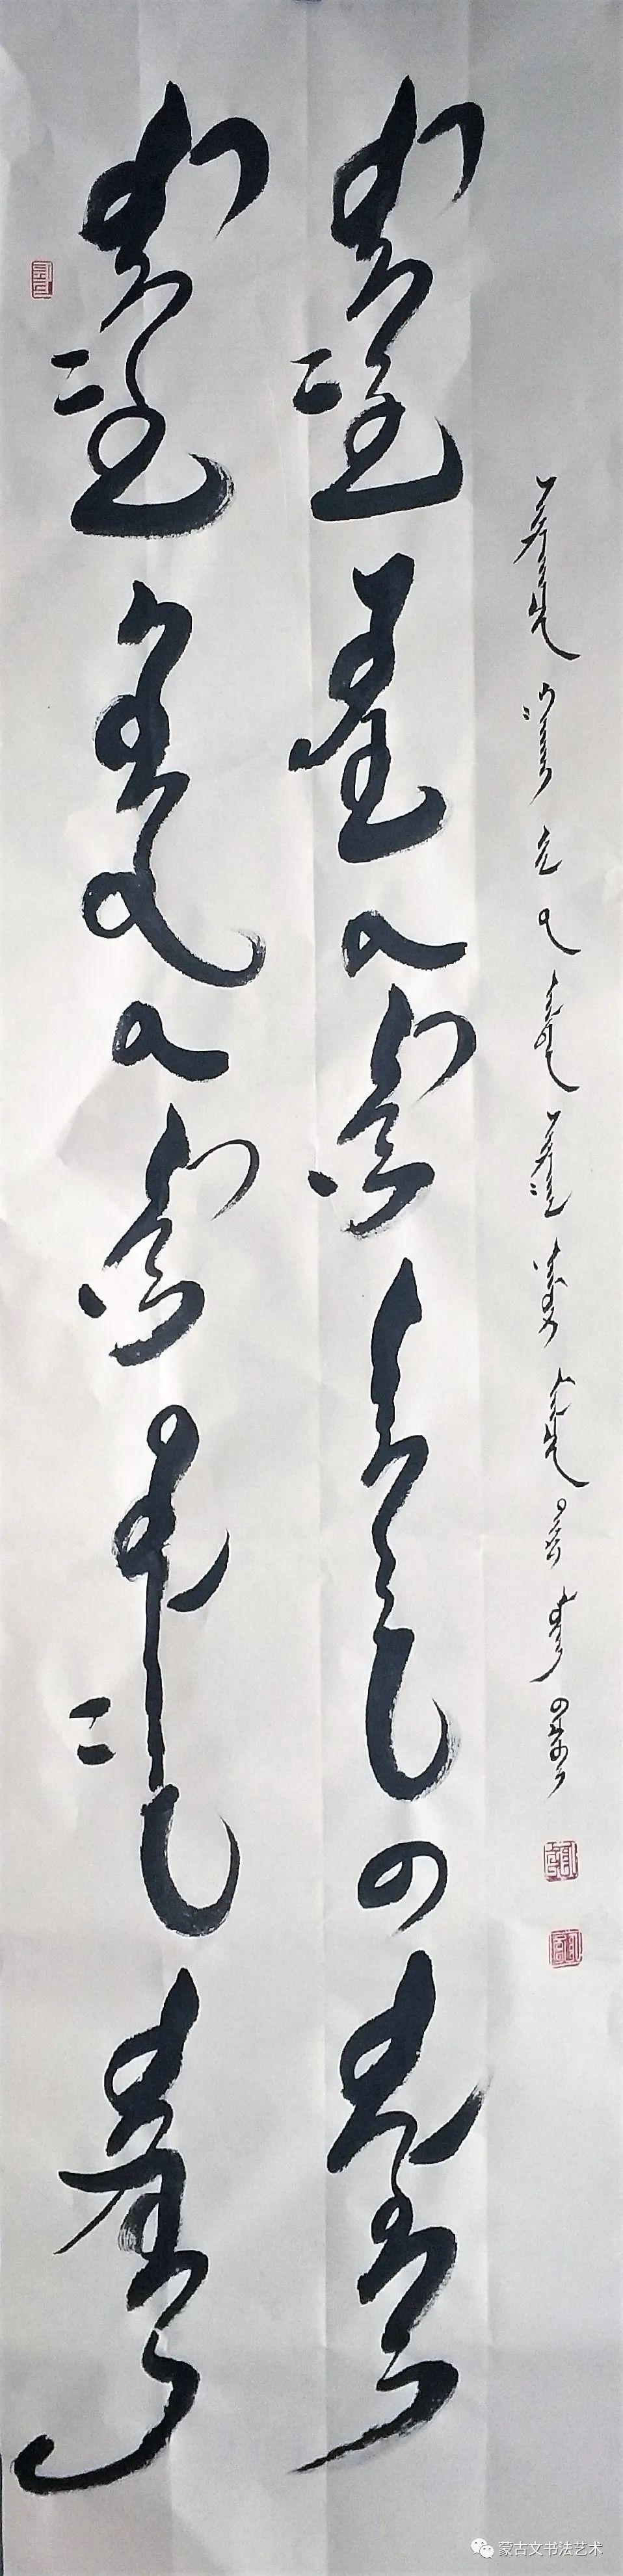 铁龙蒙古文书法 第10张